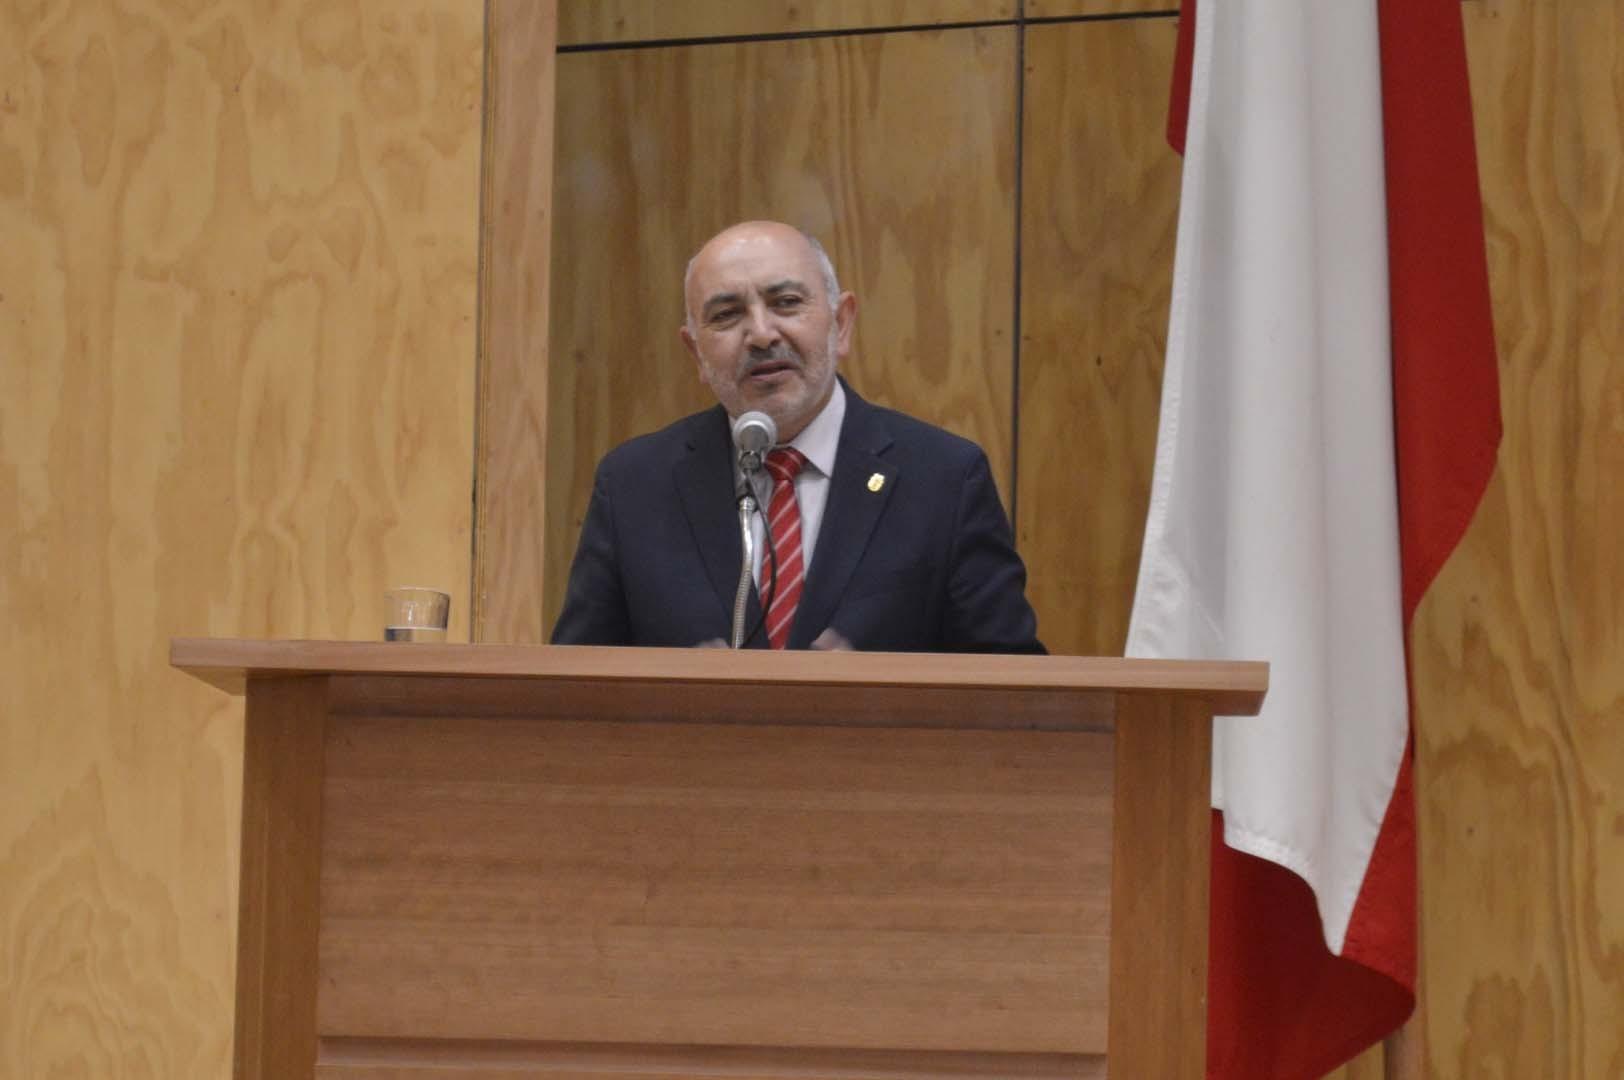 Benito Umaña, Decano Facultad de Ciencias Empresariales UBB